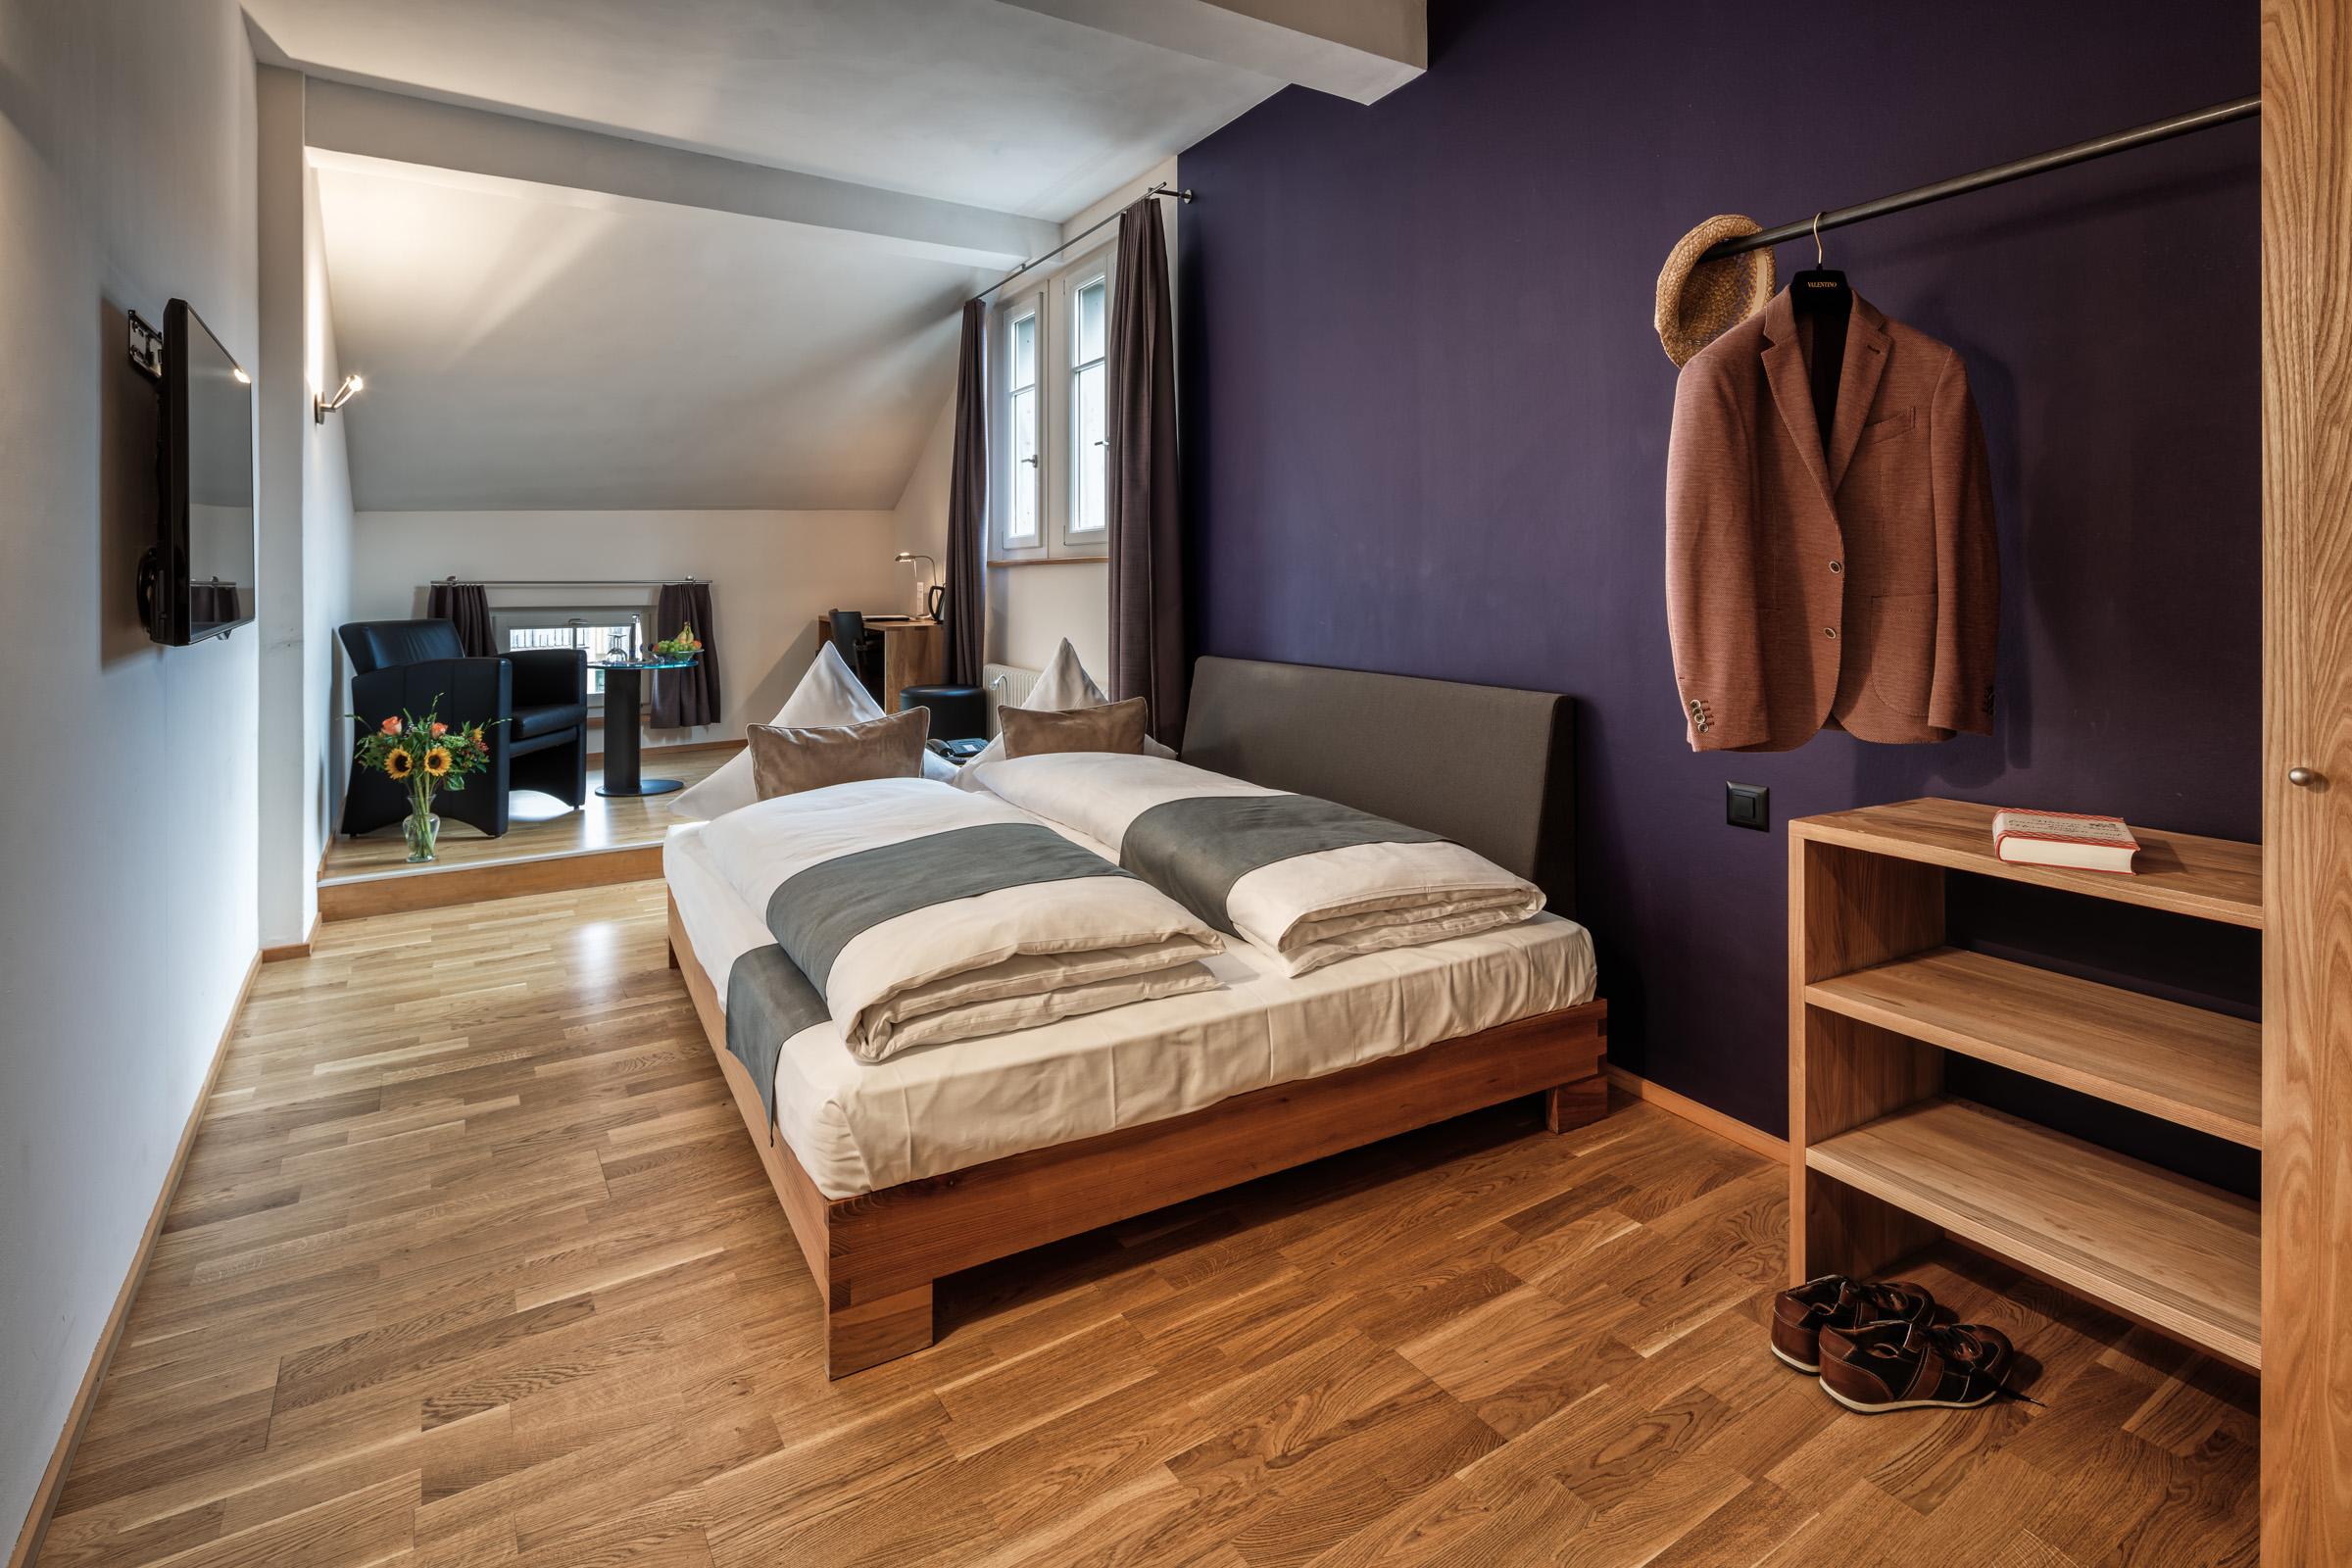 19-127 - Hotel Le Lion Bischofszell - Hotelfotografie--10.jpg